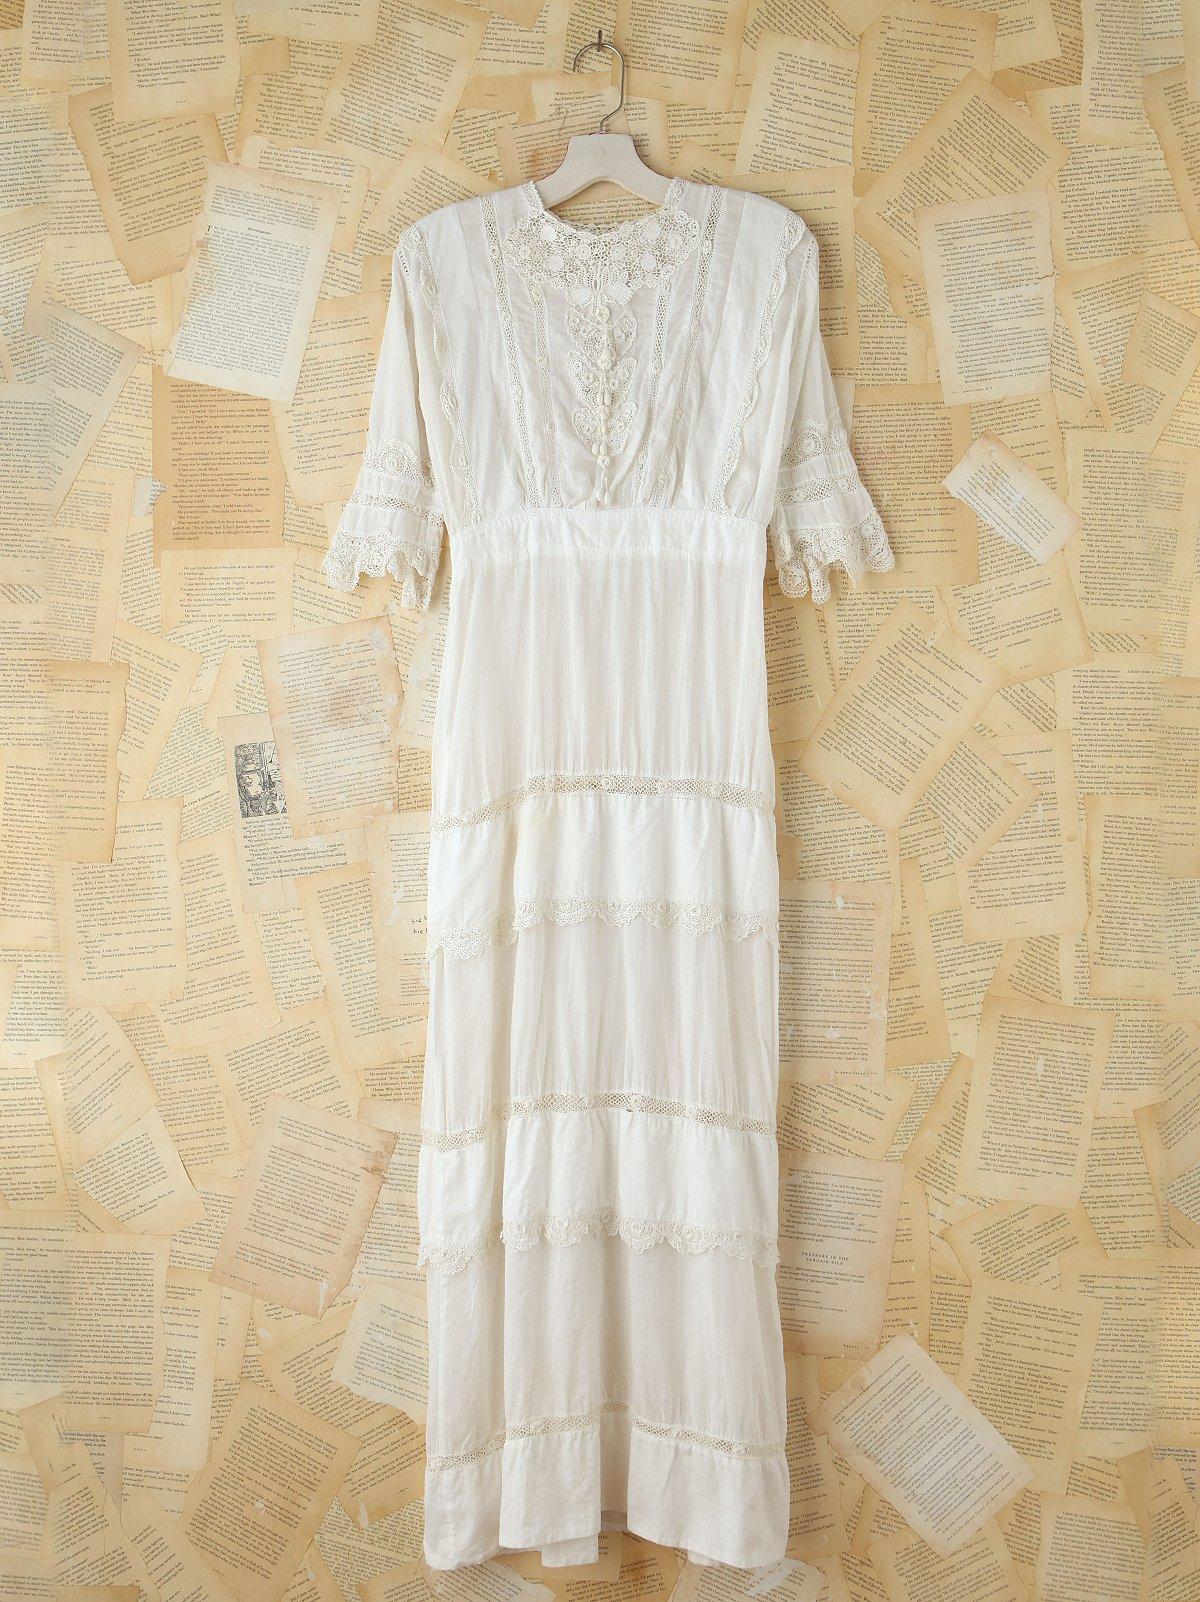 Vintage Sheer Embroidered Dress